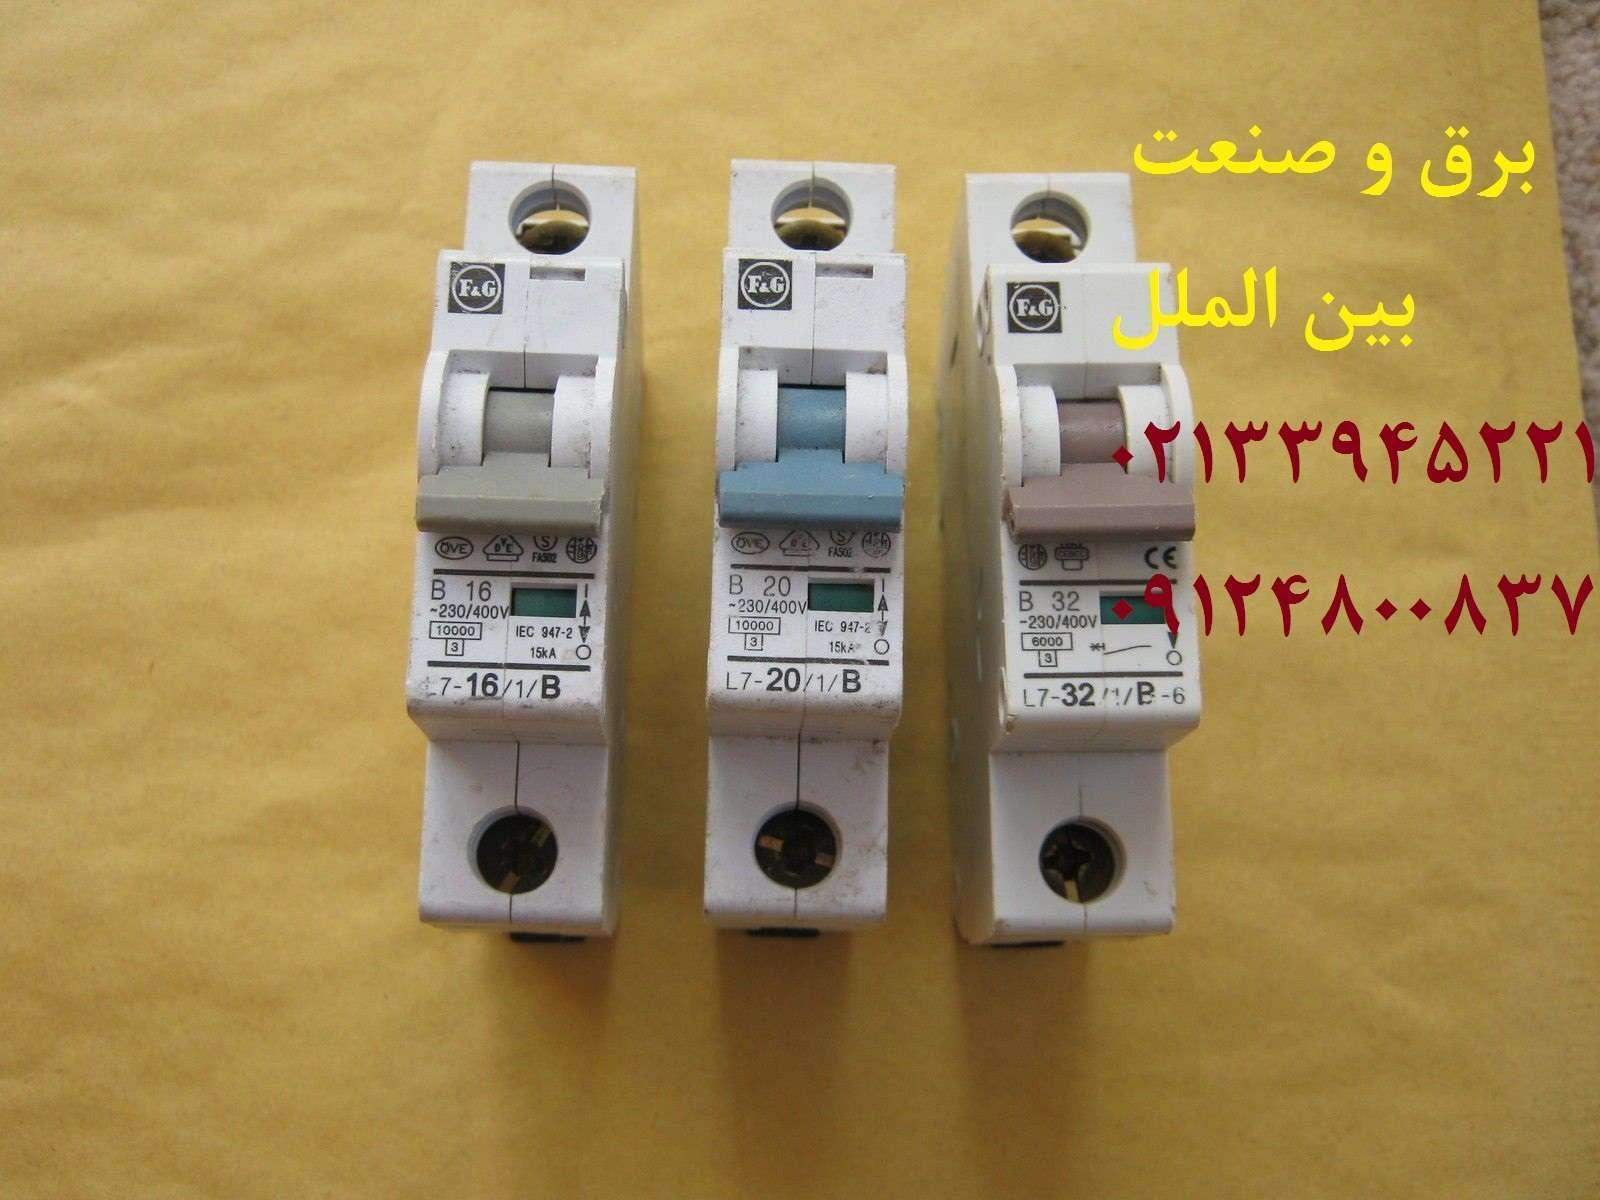 نما بازار , نمابازار , بازار مجازی ایران , مرکز تجارت ...